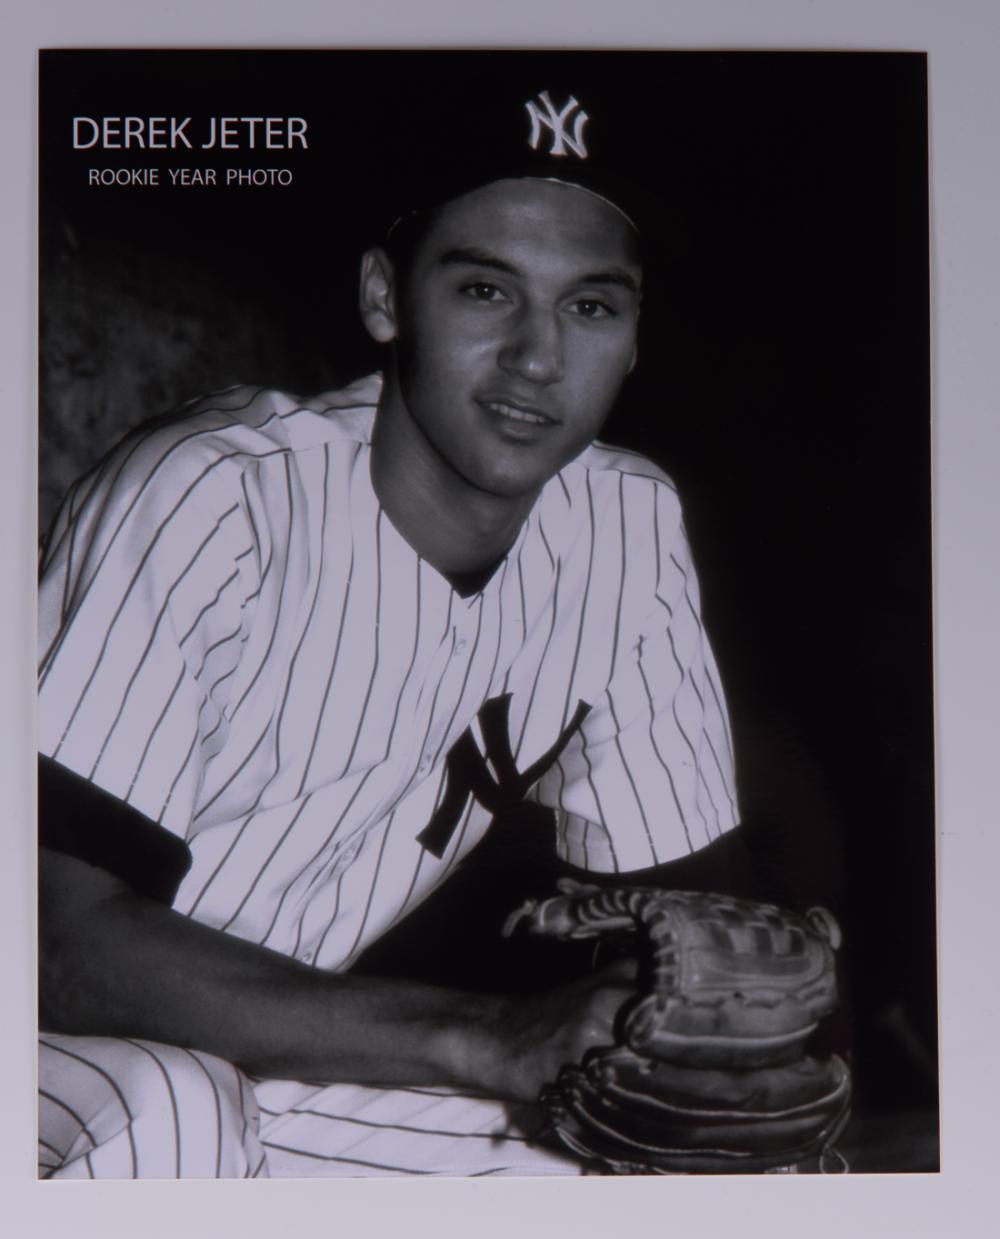 Derek Jeter Rookie Card Photograph Set